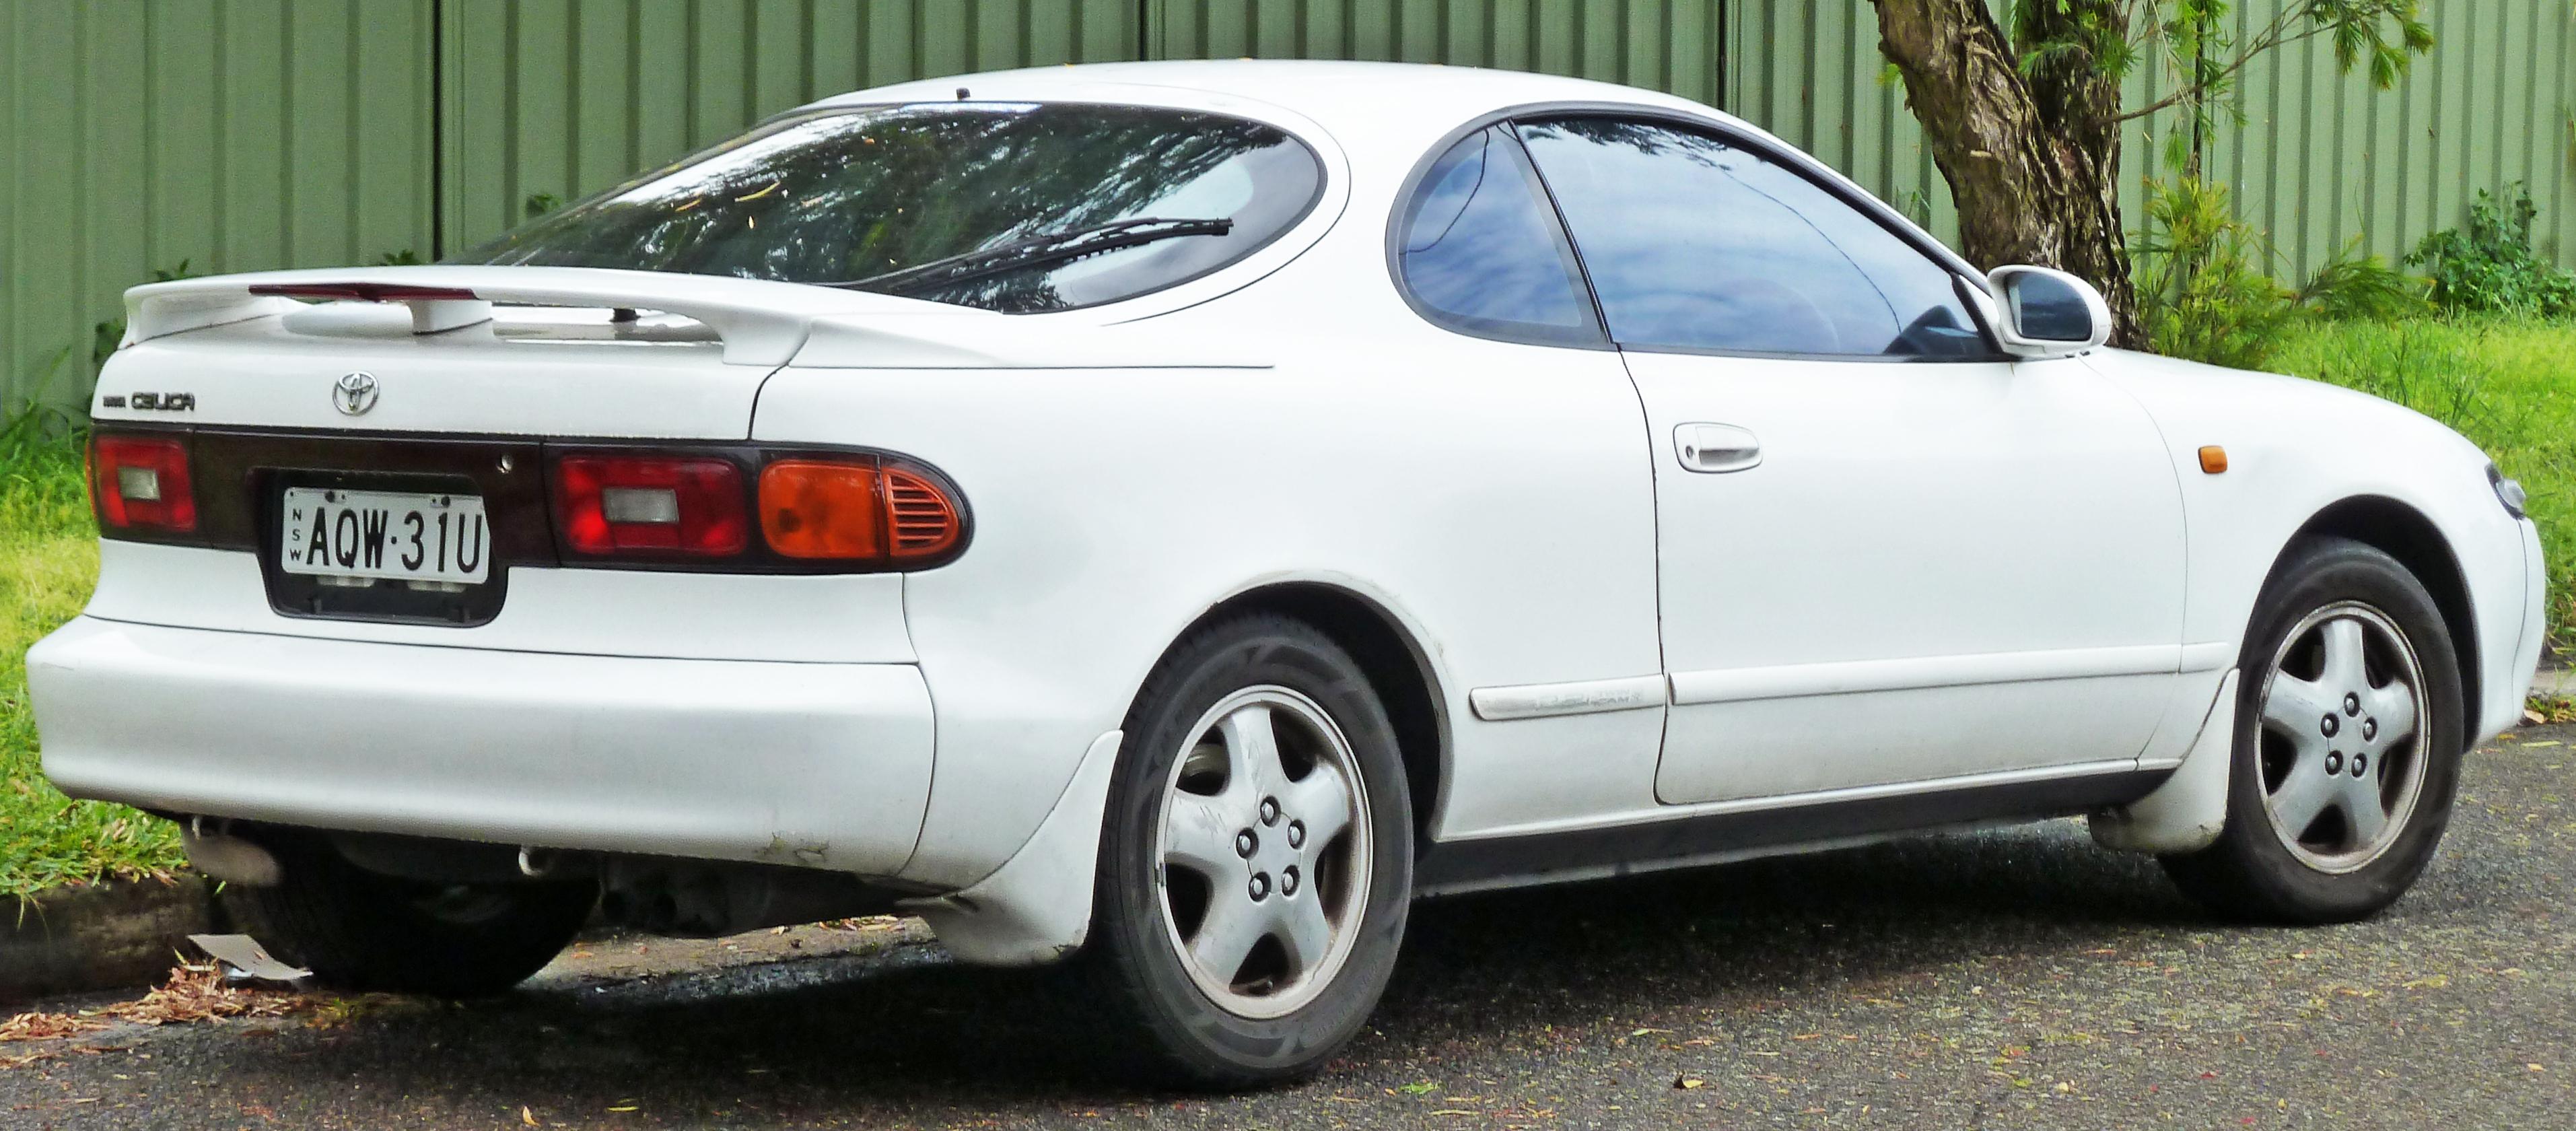 1991 Toyota Celica #2 Toyota Celica #2